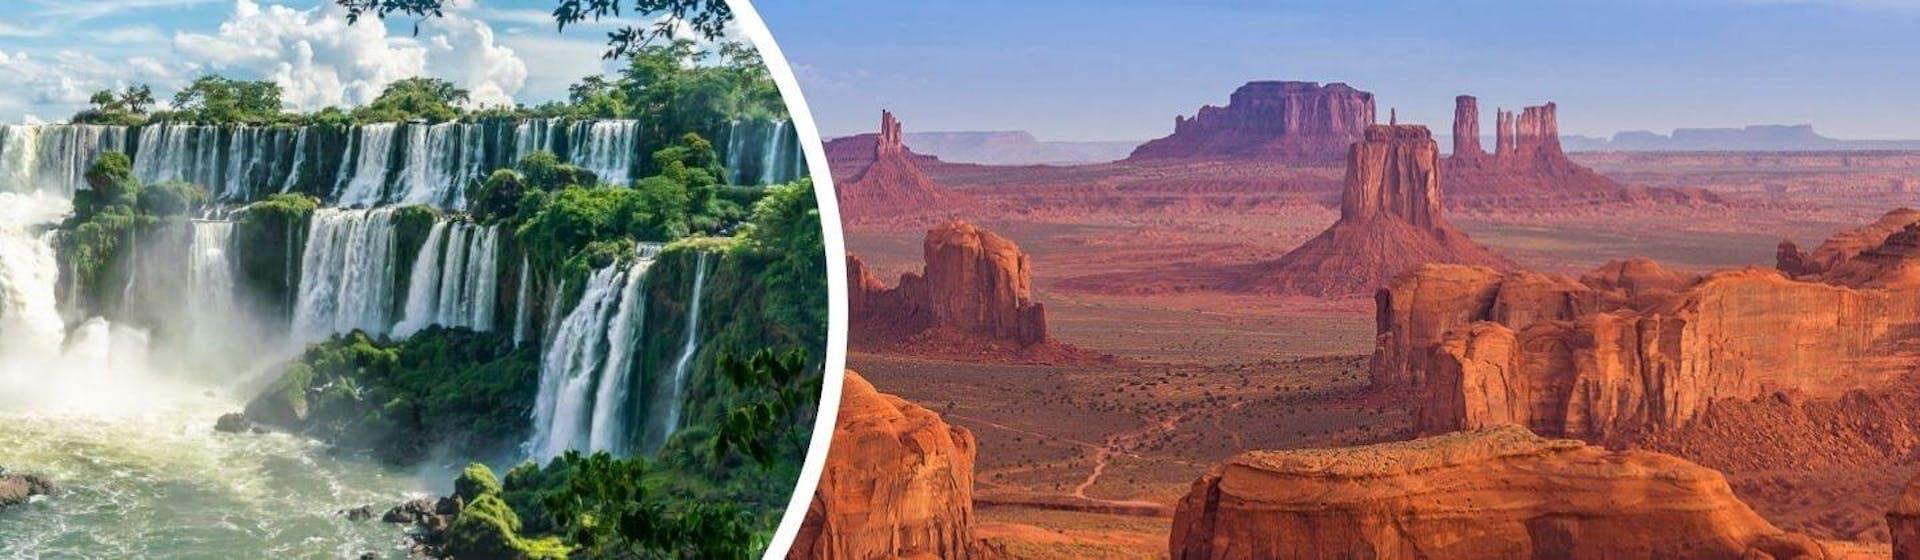 Conoce los mejores paisajes del mundo ¡Su belleza te dejará con la boca abierta!